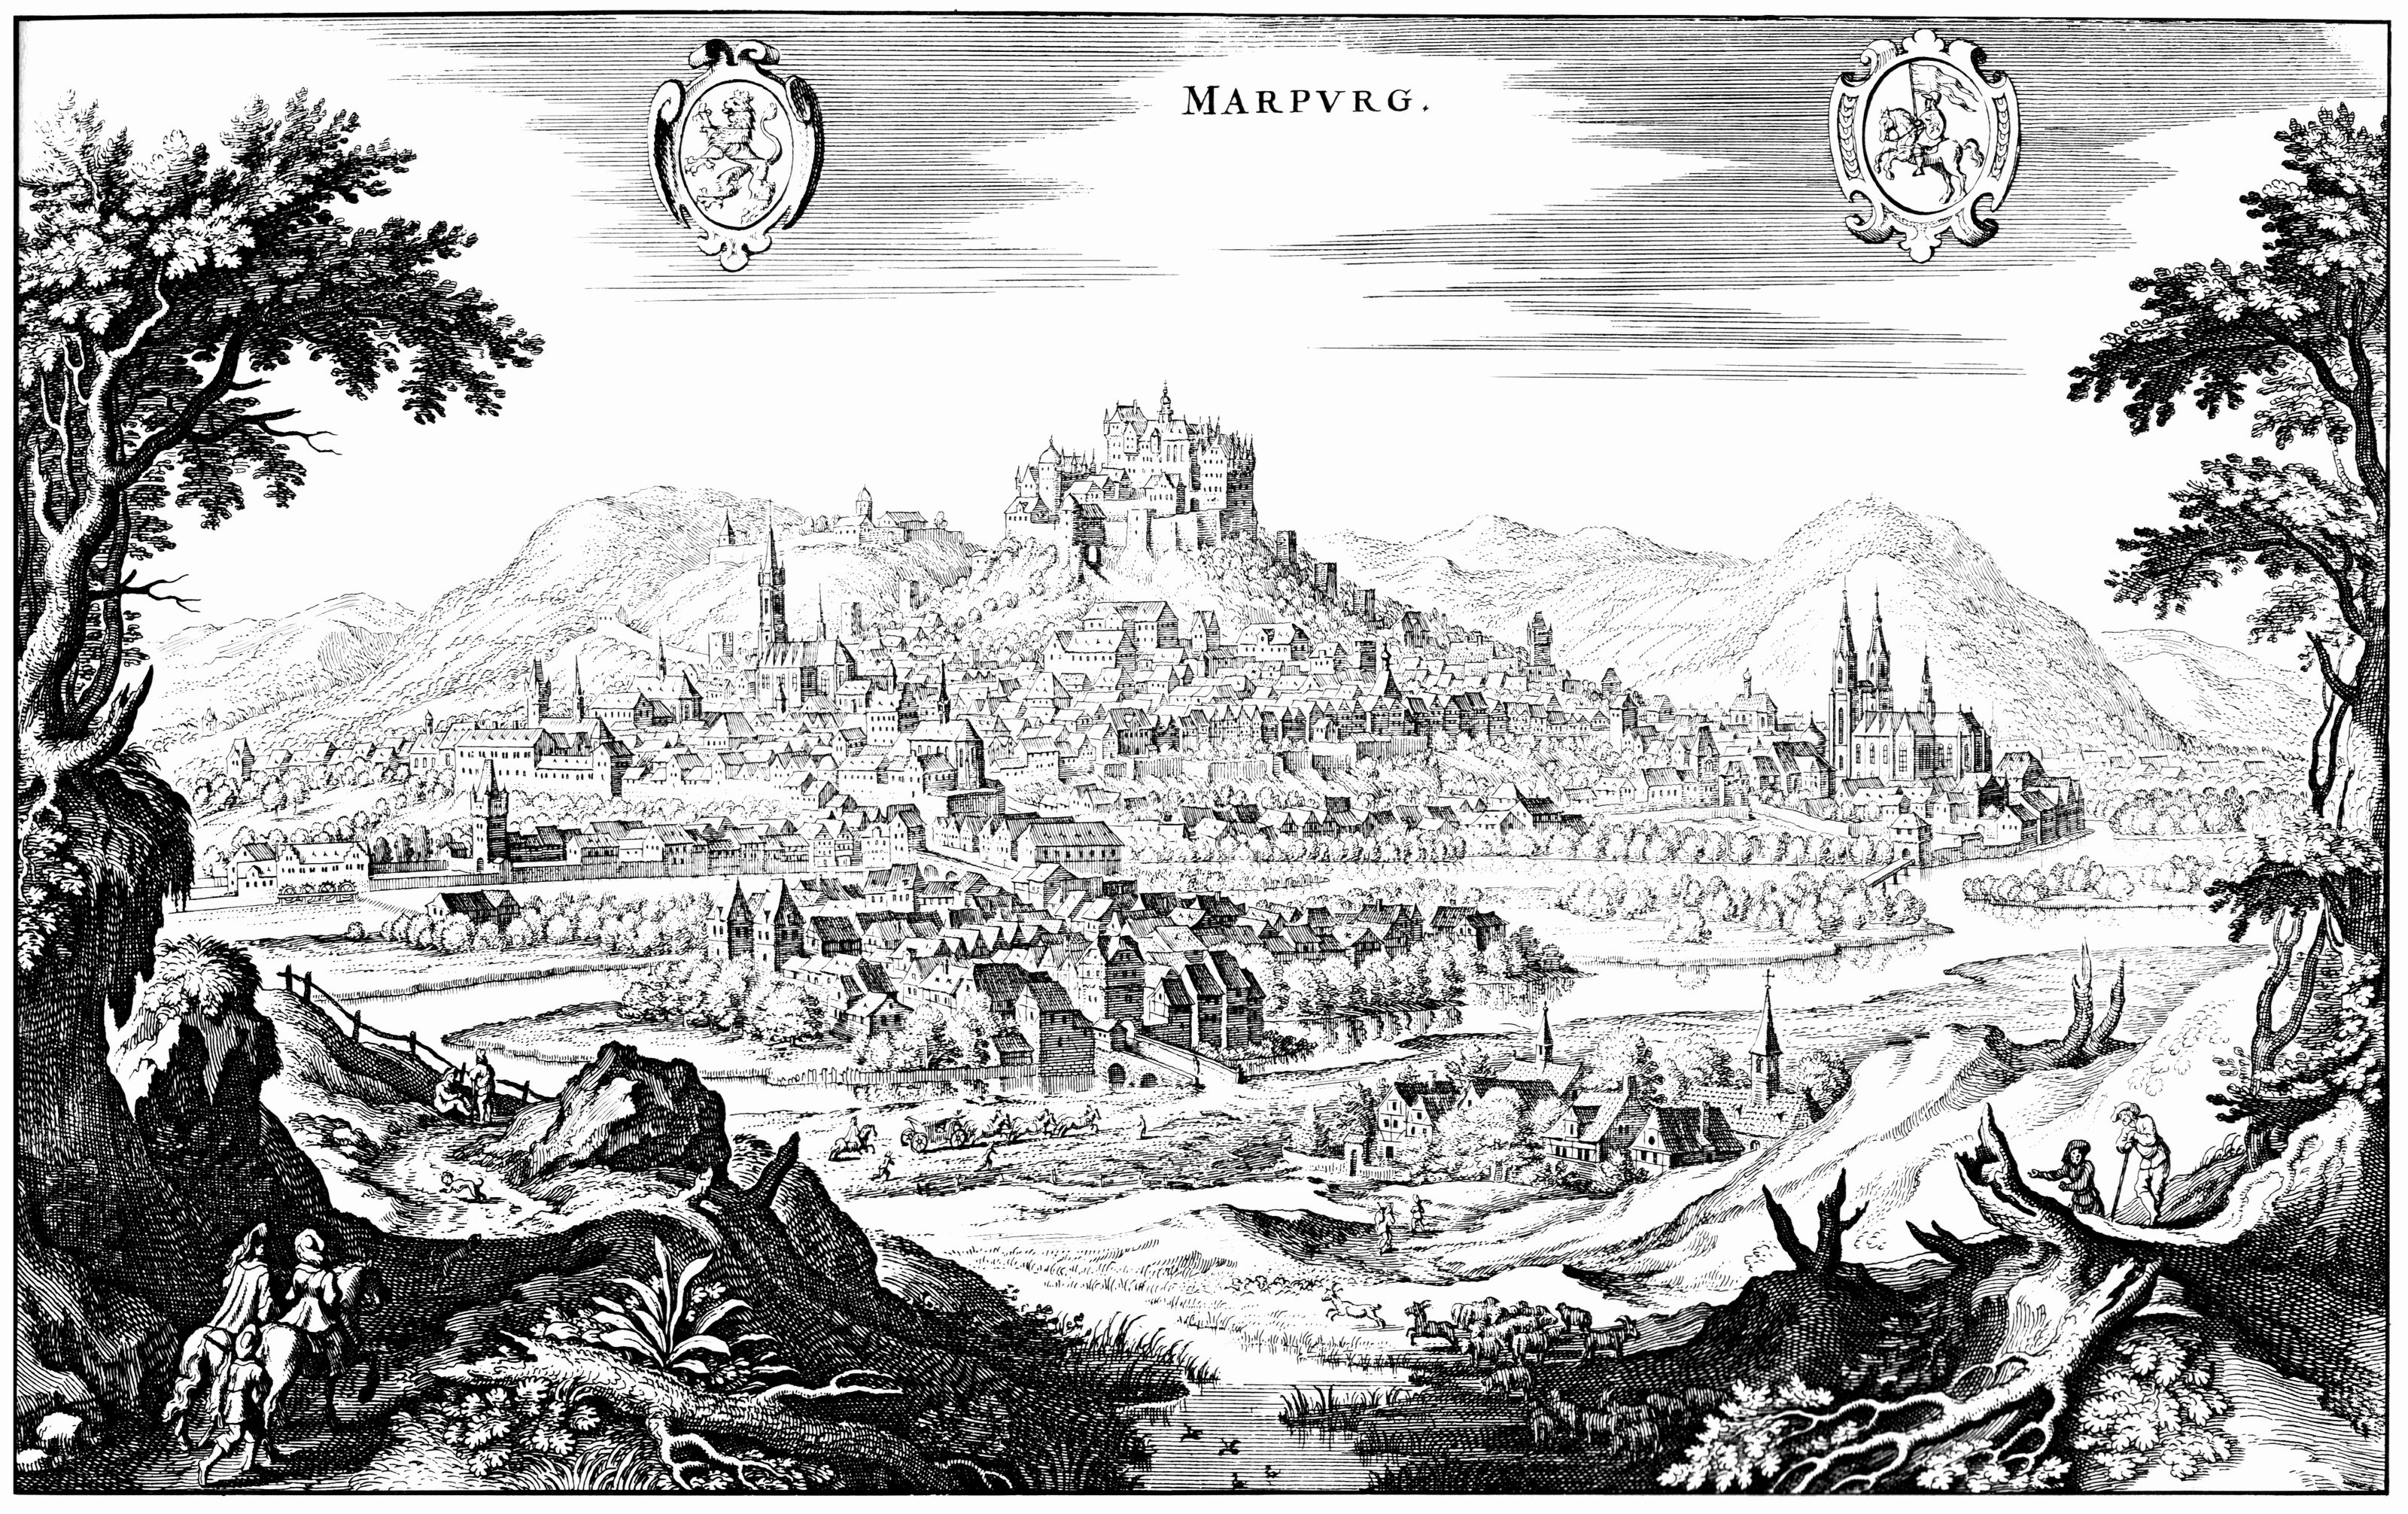 File:Marburg-1646-Merian.jpg